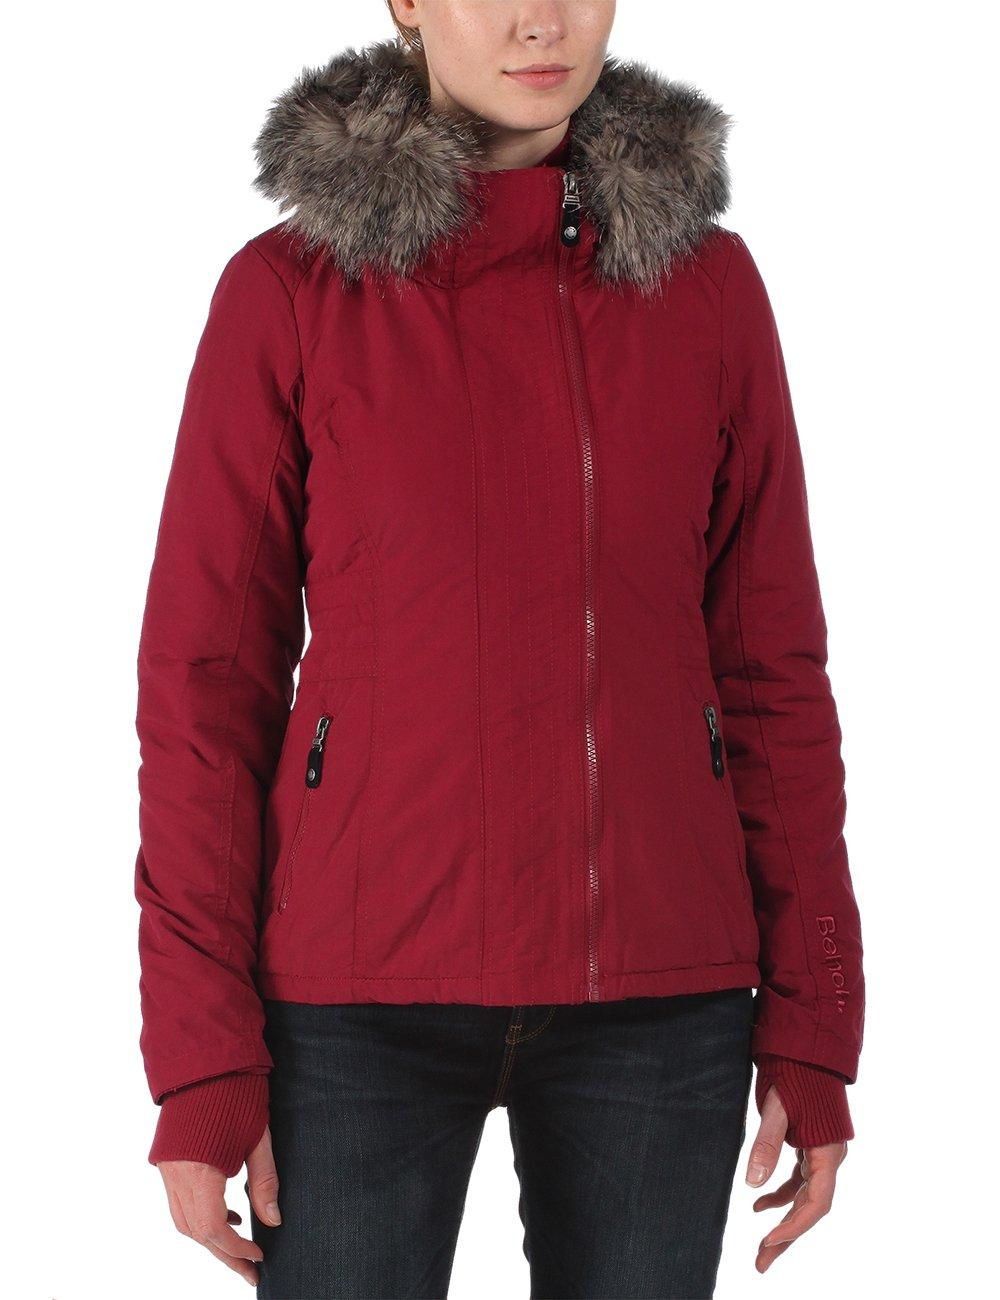 Womens Kidder II Jacket beet red kaufen